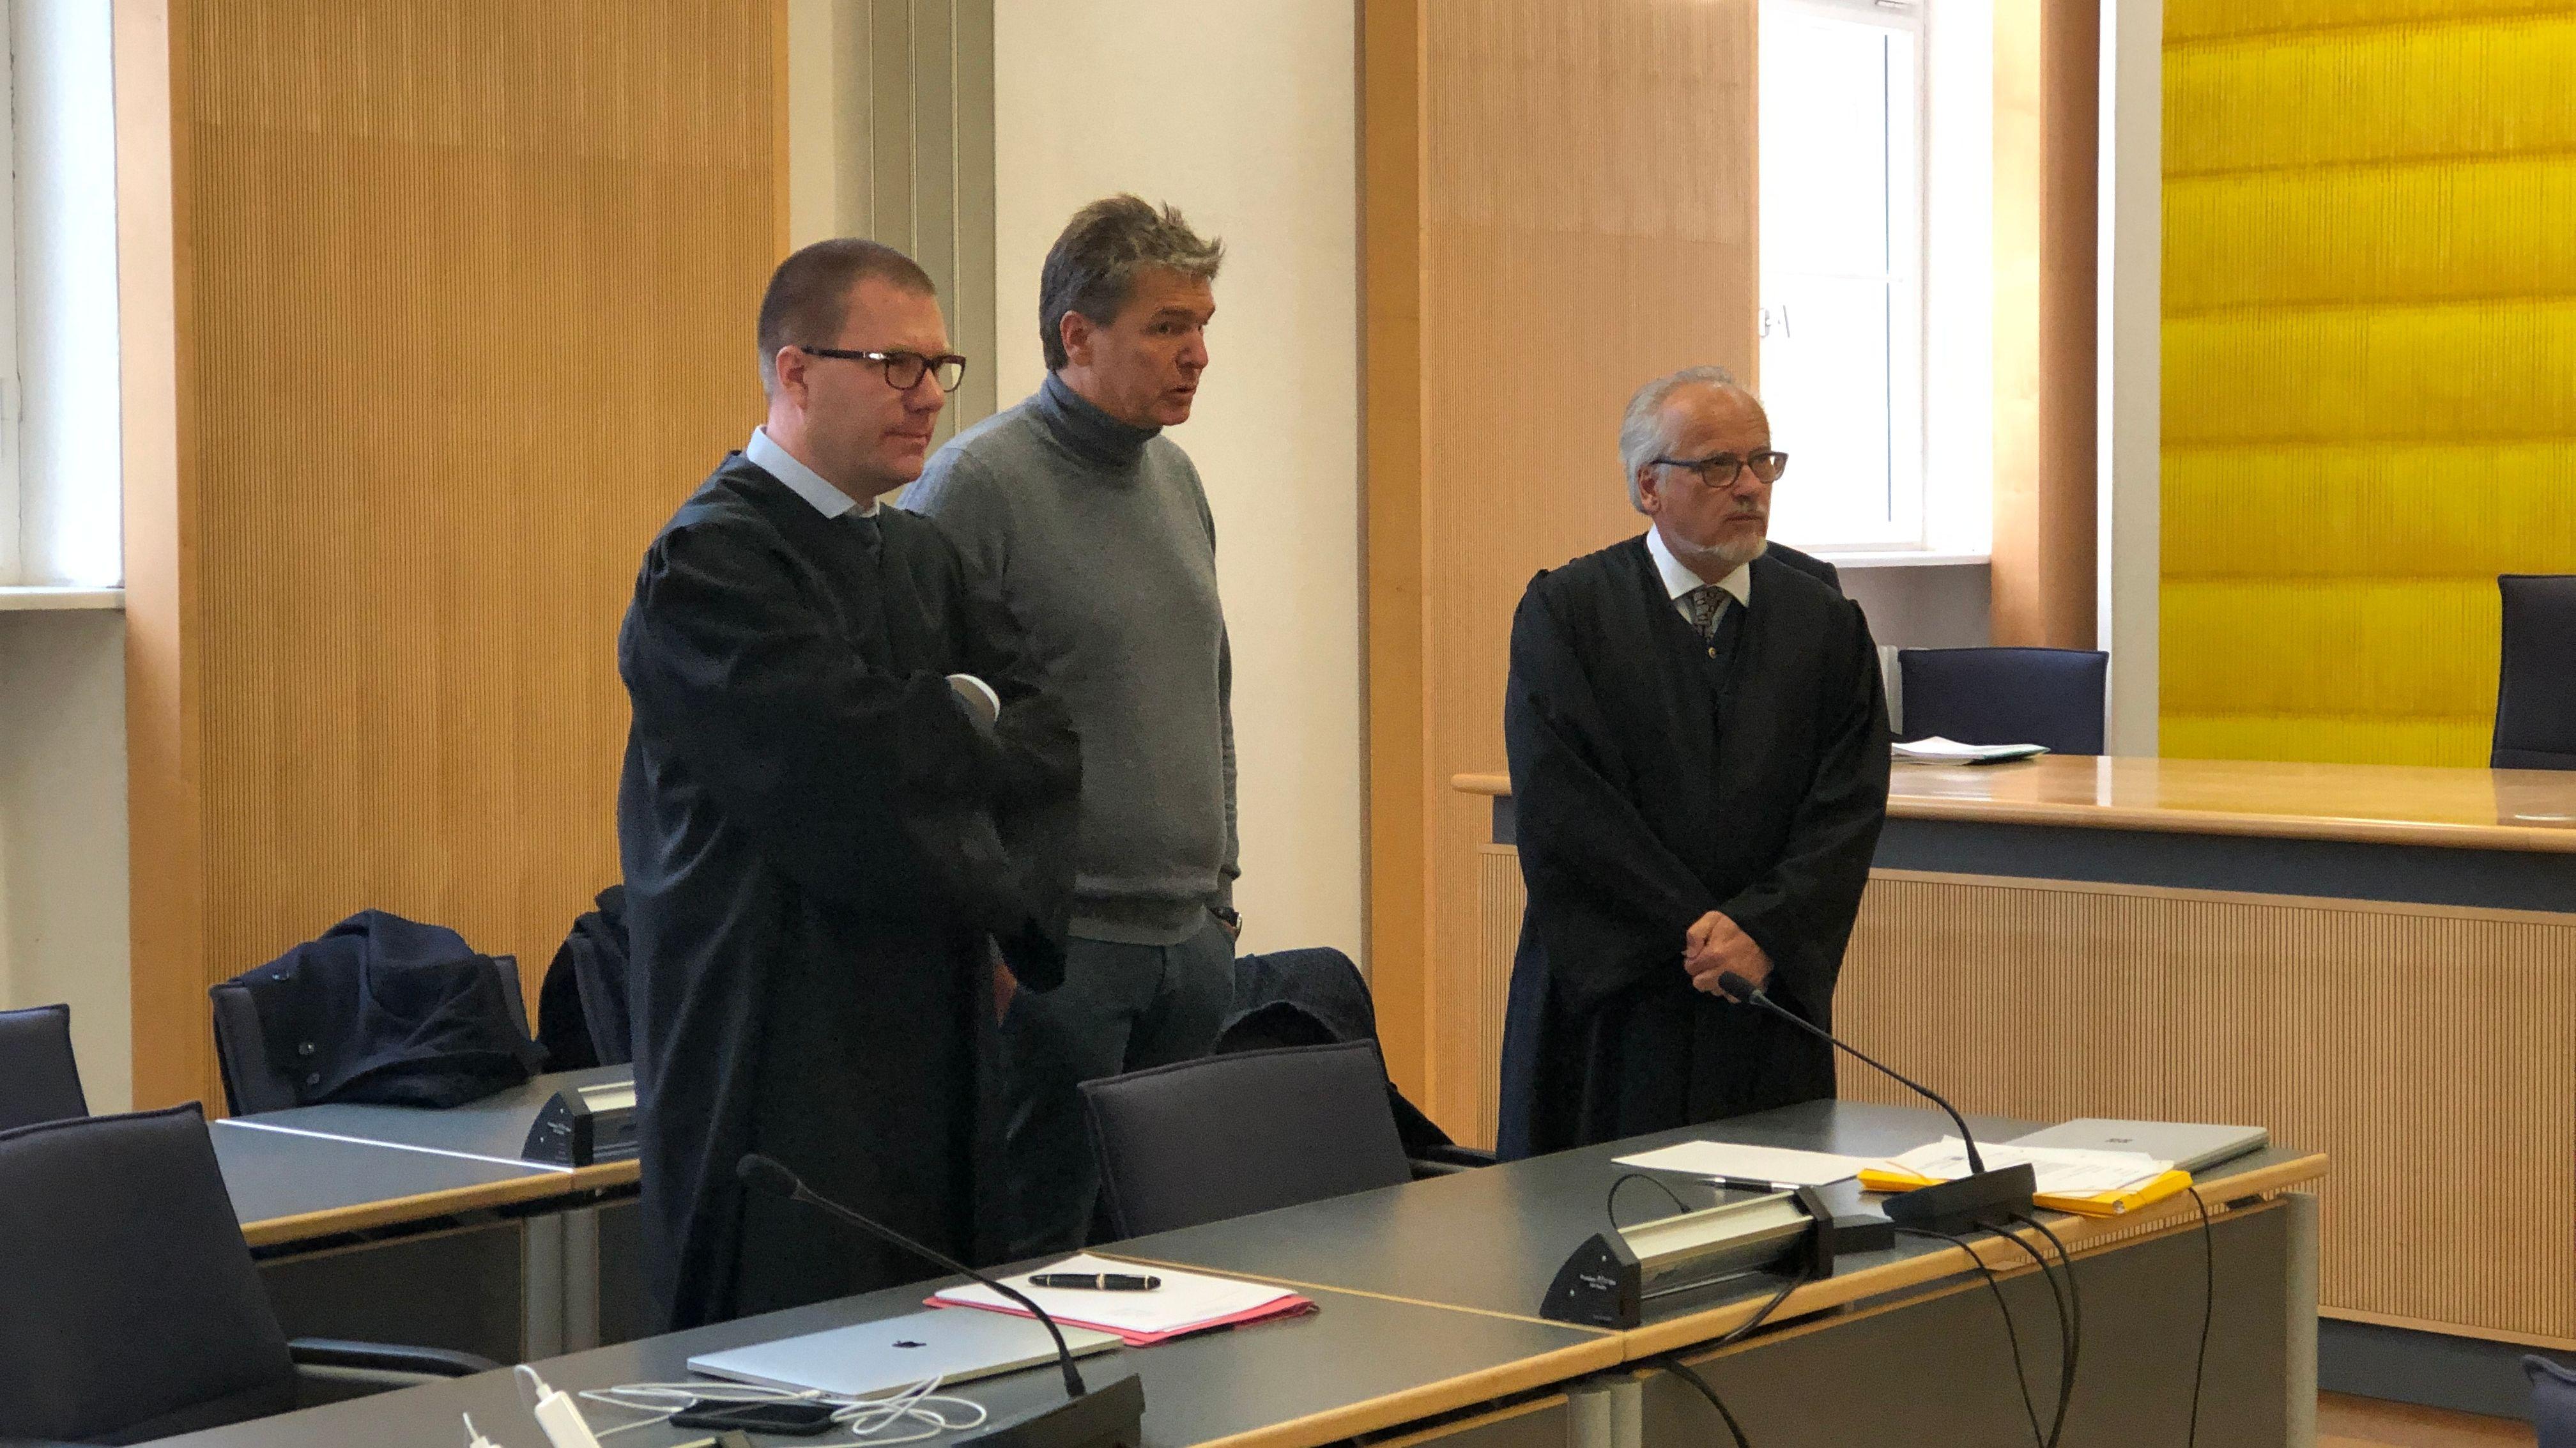 In Regensburg wird am Dienstagvormittag der Bayern-Ei-Prozess fortgesetzt. Erstmals sollen Zeugen aussagen, die sich beim Ausbruch 2014 mit Salmonellen infiziert hatten.